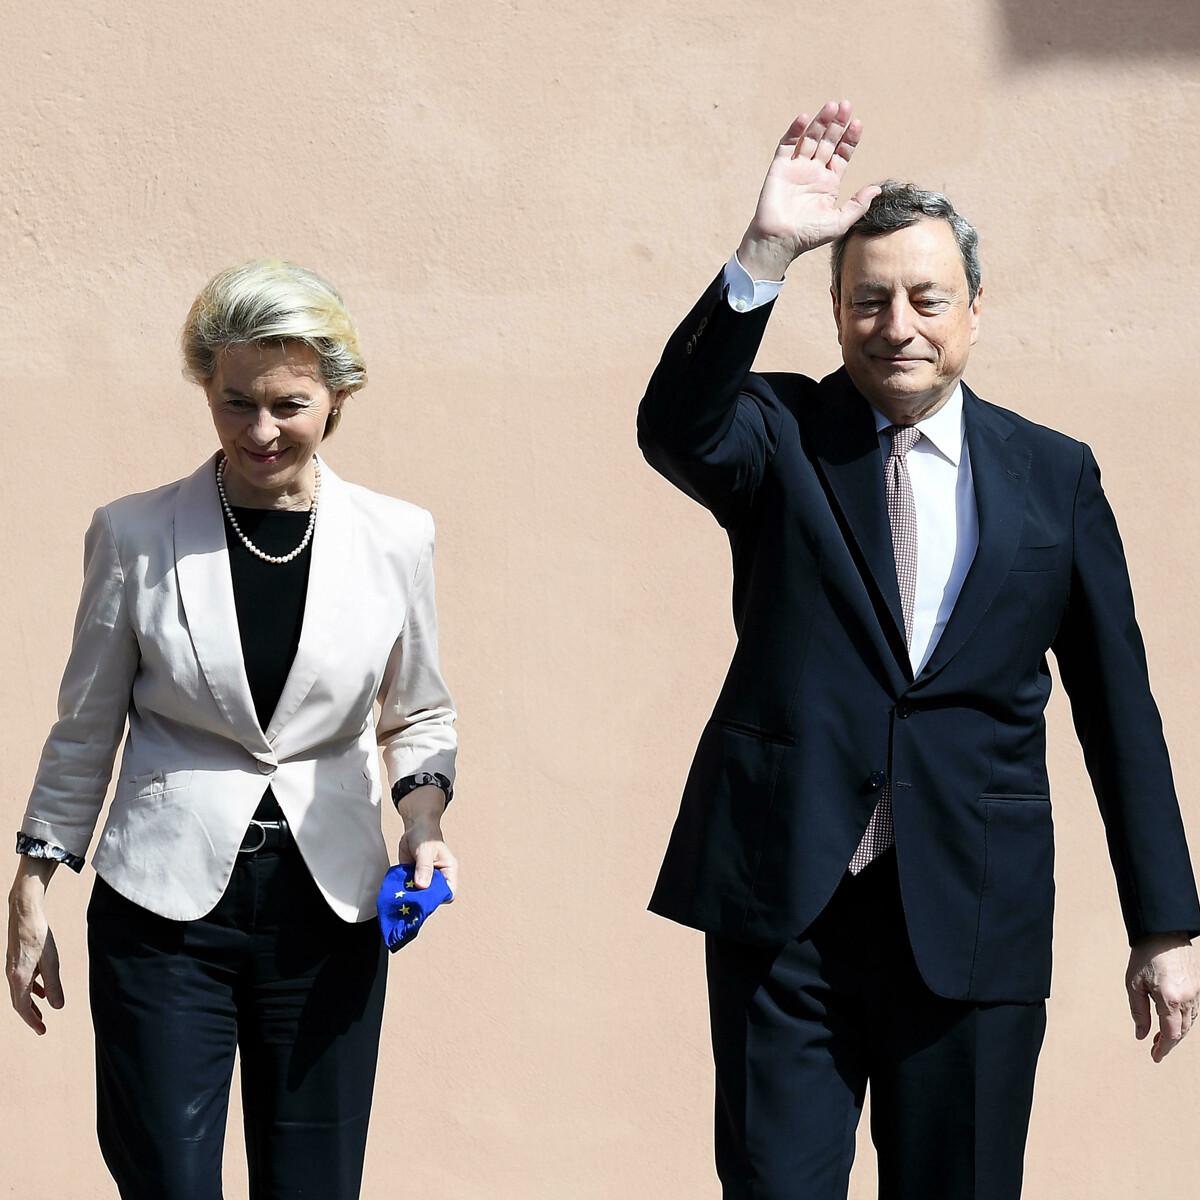 Approvato il Recovery plan italiano: entro luglio arrivano 25 miliardi di euro